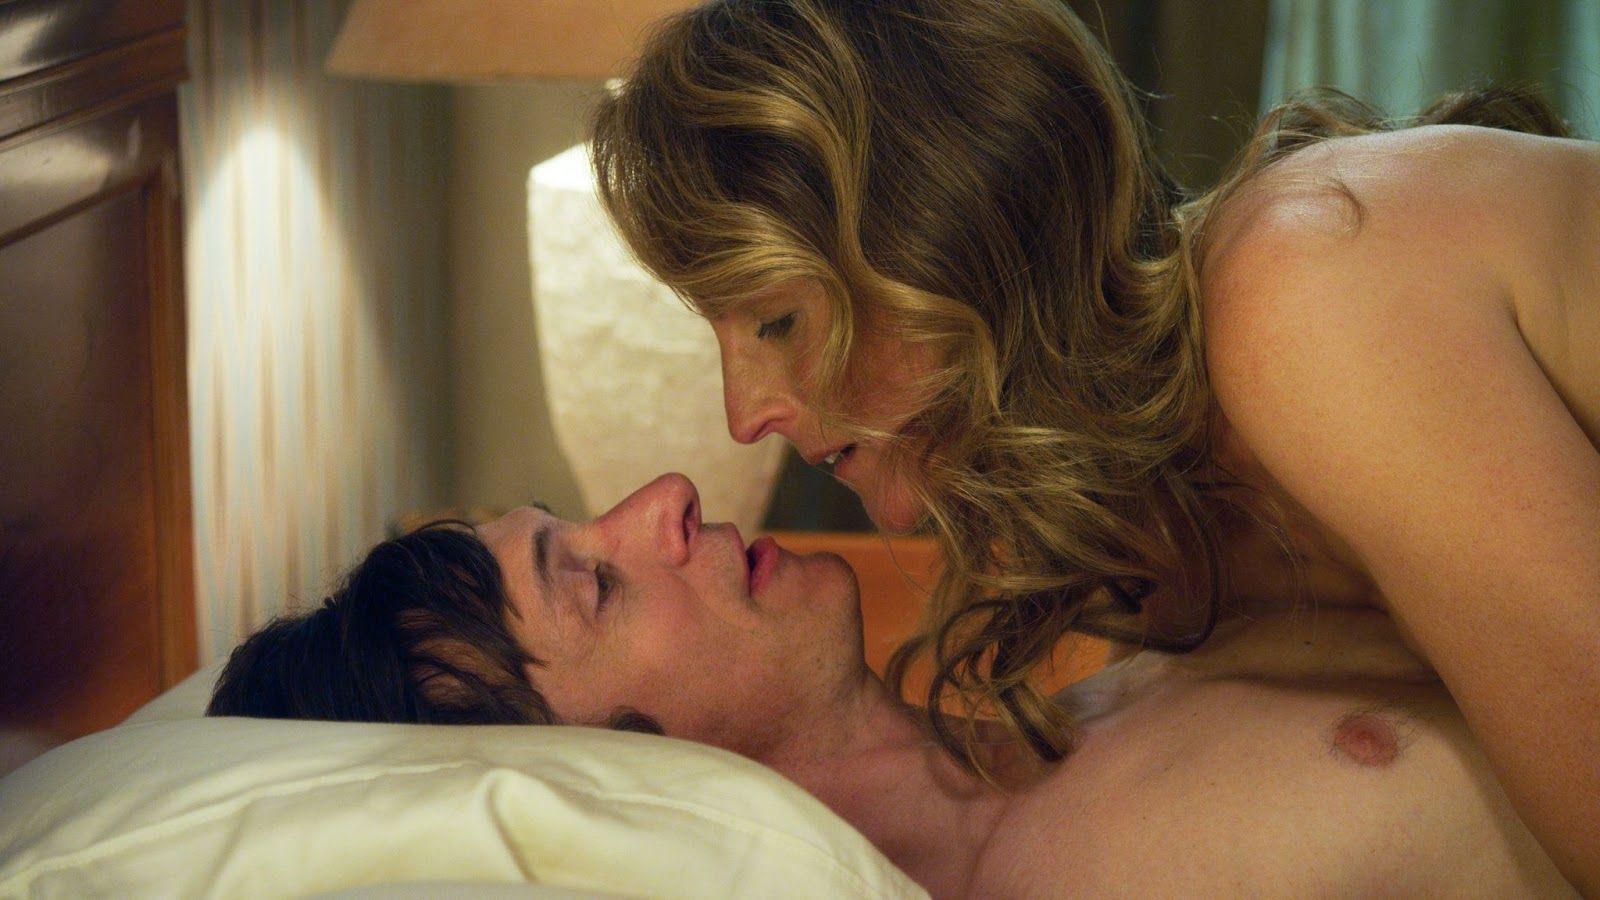 Сексуальная откровенность sexually explicit смотреть онлайн 1 фотография